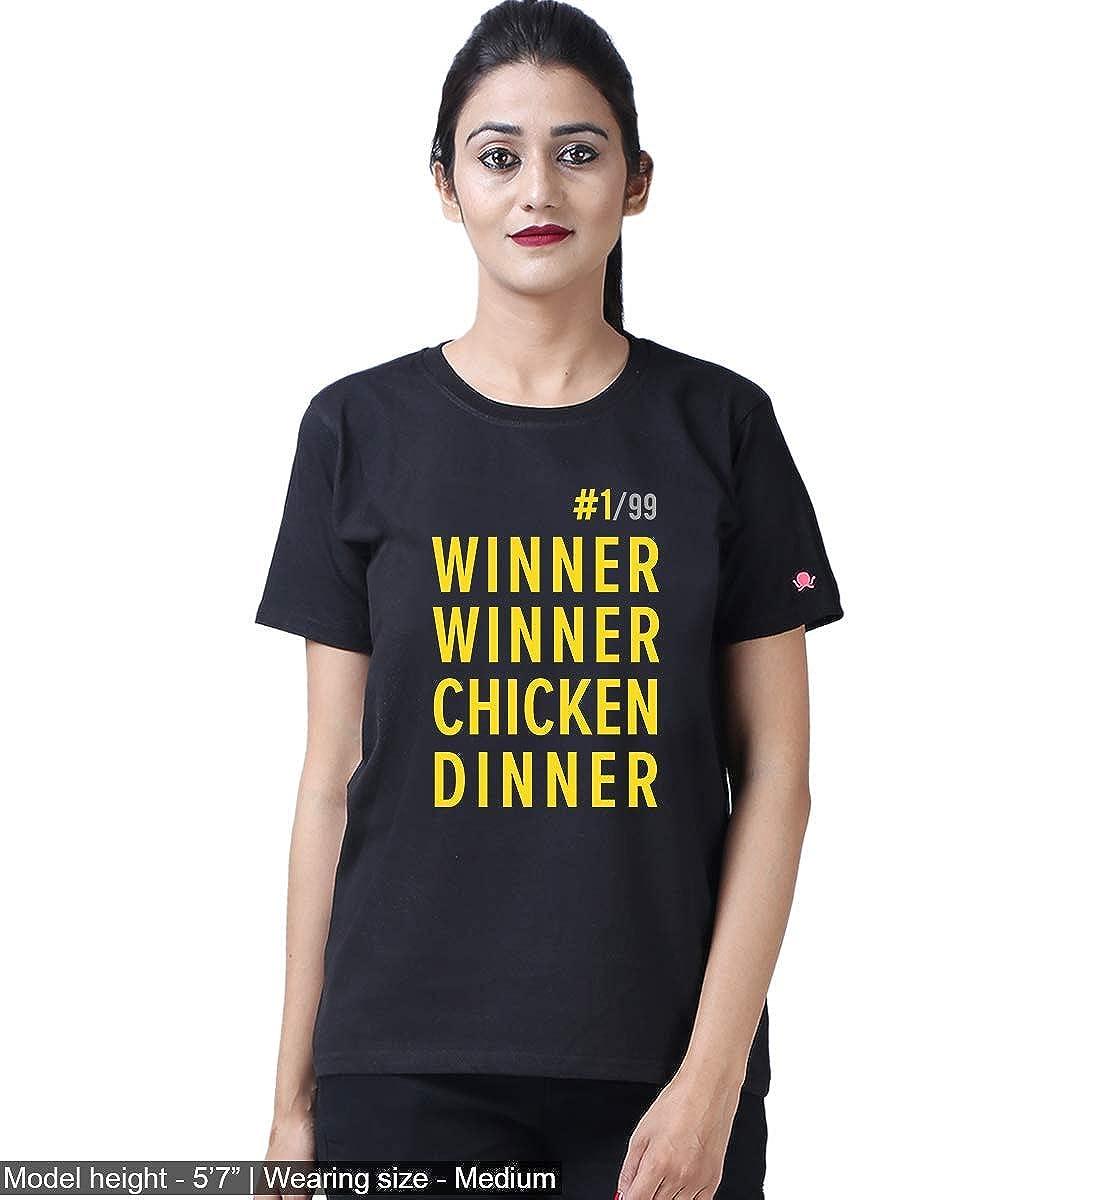 83d5d7ad Graphic Printed T-Shirt for Men & Women | PUBG T-Shirt | Playerunknown's  Battlegrounds T-Shirt | Half Sleeve T-Shirt | Round Neck T Shirt | 100%  Cotton ...